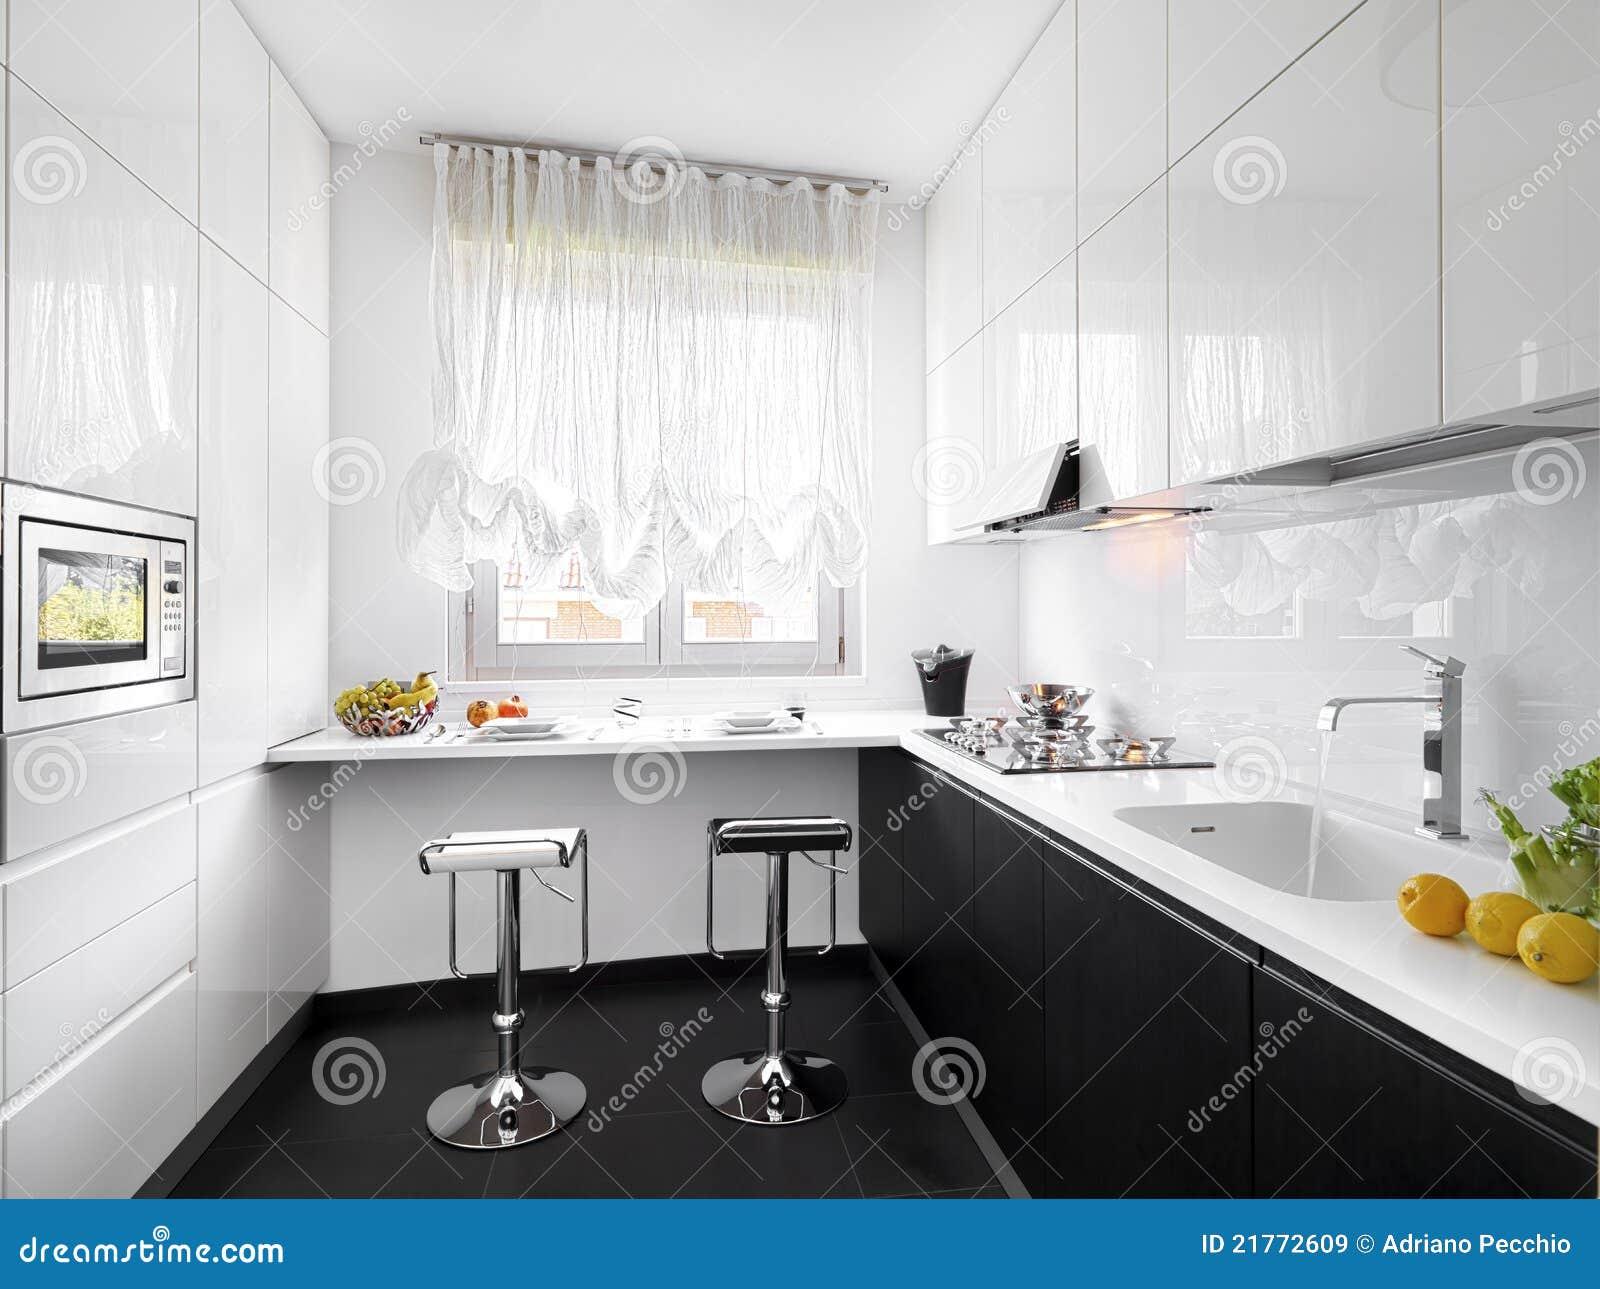 Cocina blanca moderna im genes de archivo libres de - Cocina blanca con encimera blanca ...